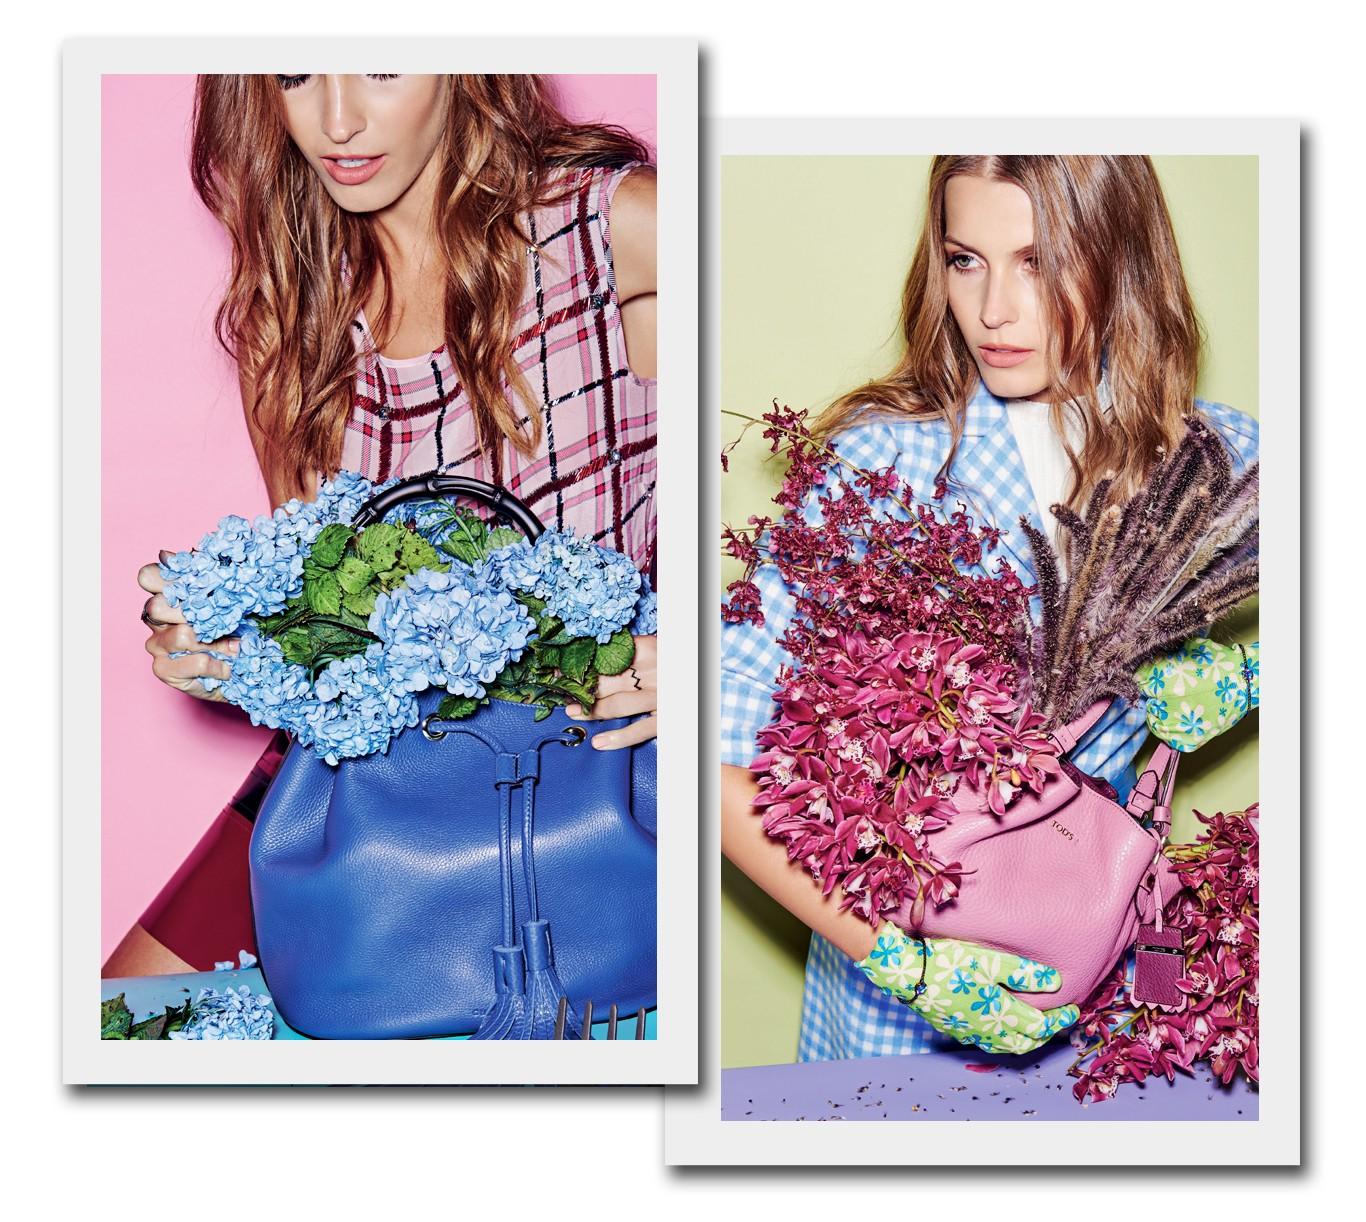 Bolsa Gucci (R$ 8.660), decorada com arranjo do florista Rafaeel Marshal e usada com blusa Max Mara (R$ 1.450) e saia Gloria Coelho (R$ 1.600). Anéis Grifith (mão direita) e Dryzun (mão esquerda). Bolsa Tod's (R$ 4.560), usada com casaco Prada no Trash Chic (R$ 1.499) e vestido Gloria Coelho (R$ 675). Braceletes Silvia Furmanovich (R$ 14.800 cada) (Foto: Thiago Justo Styling Raquel Kavati)